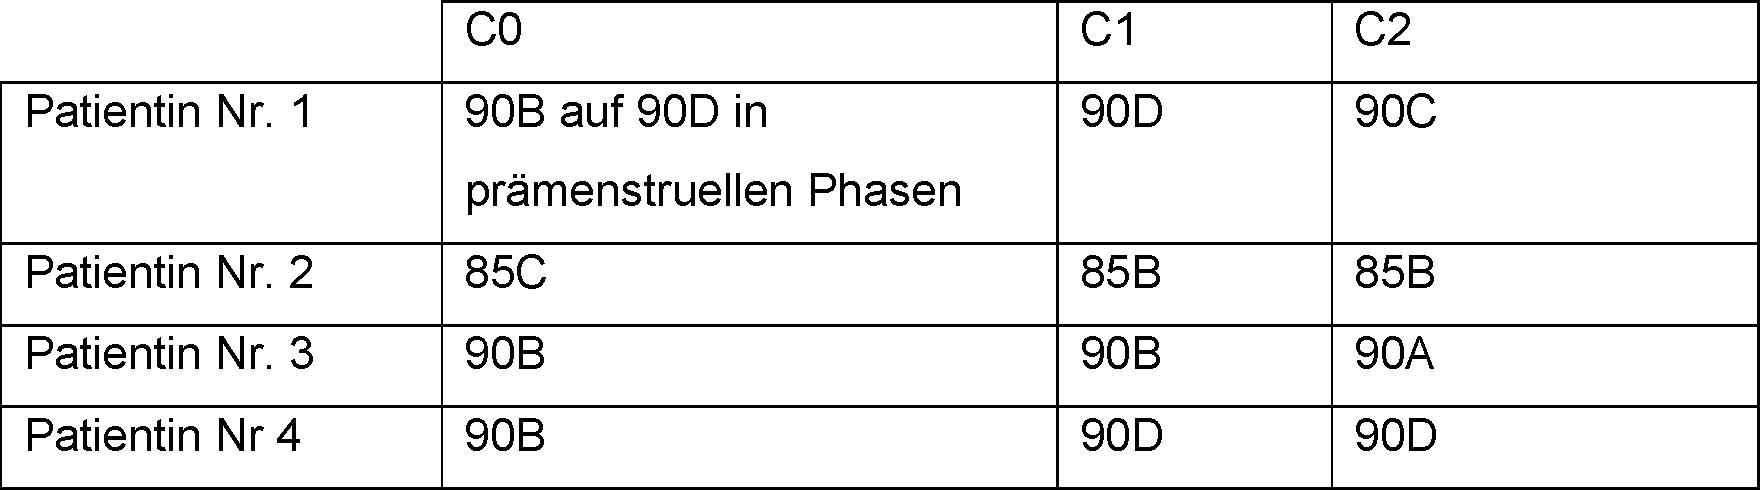 Beispiel 85c brust